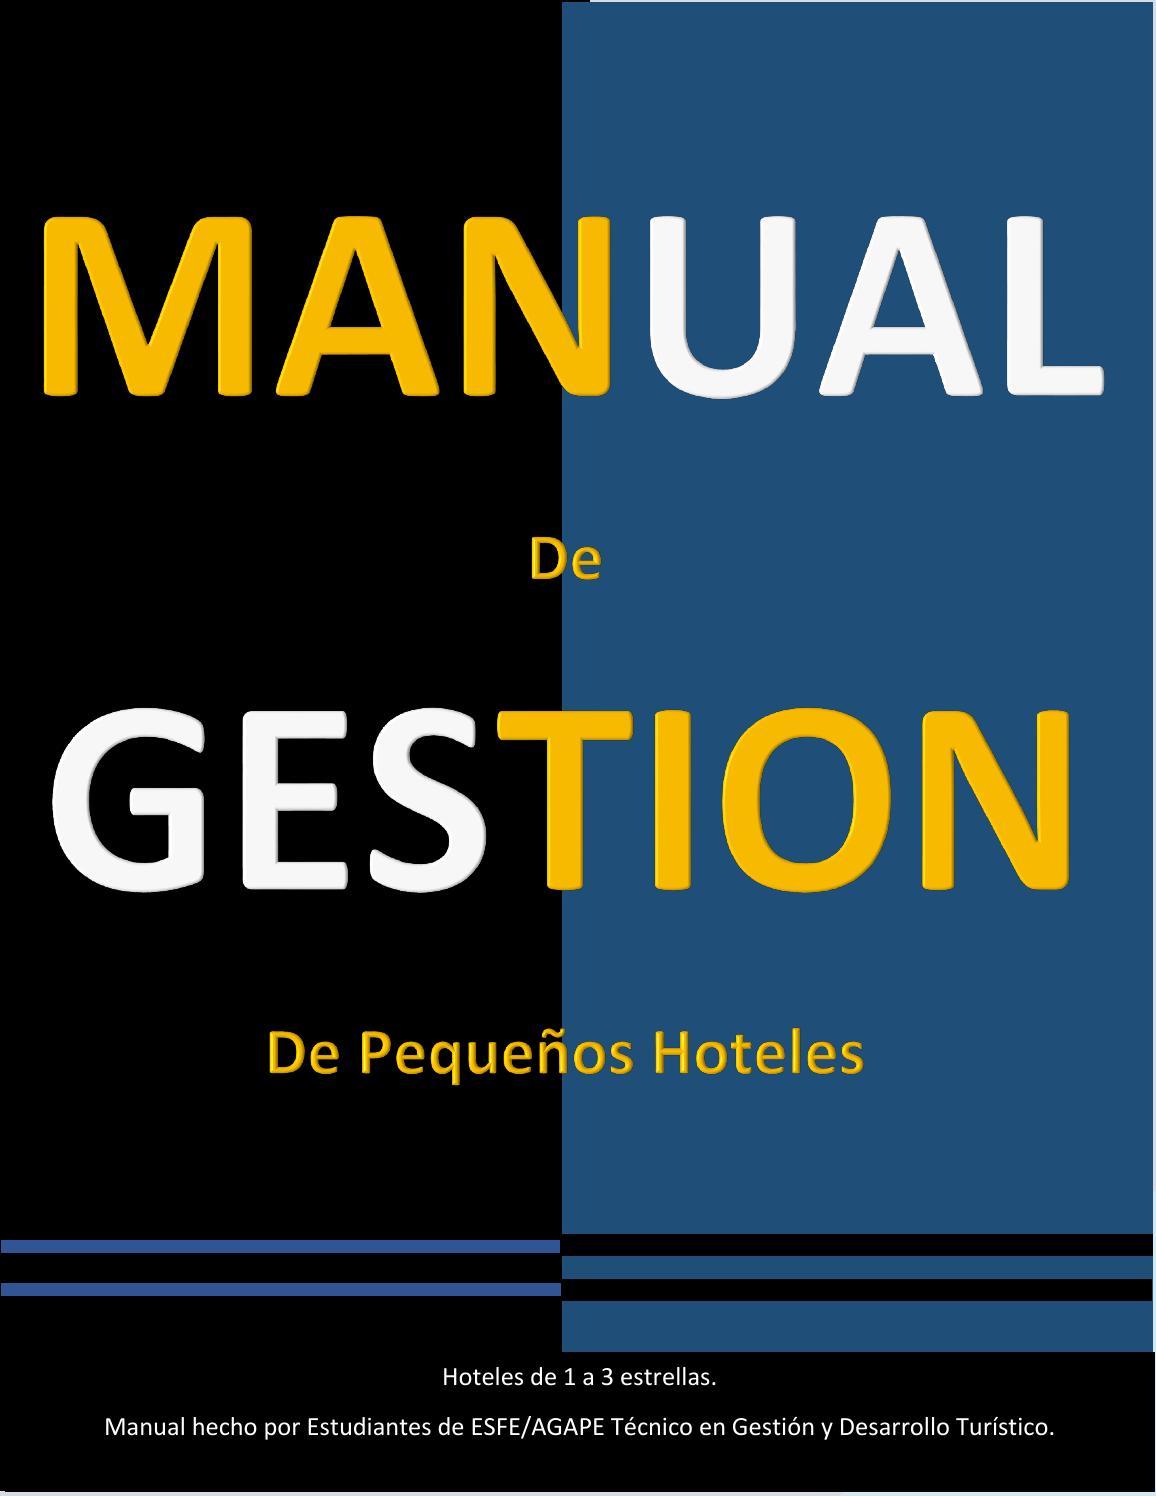 Manual de pequeños hoteles by Grupo Turismo - issuu